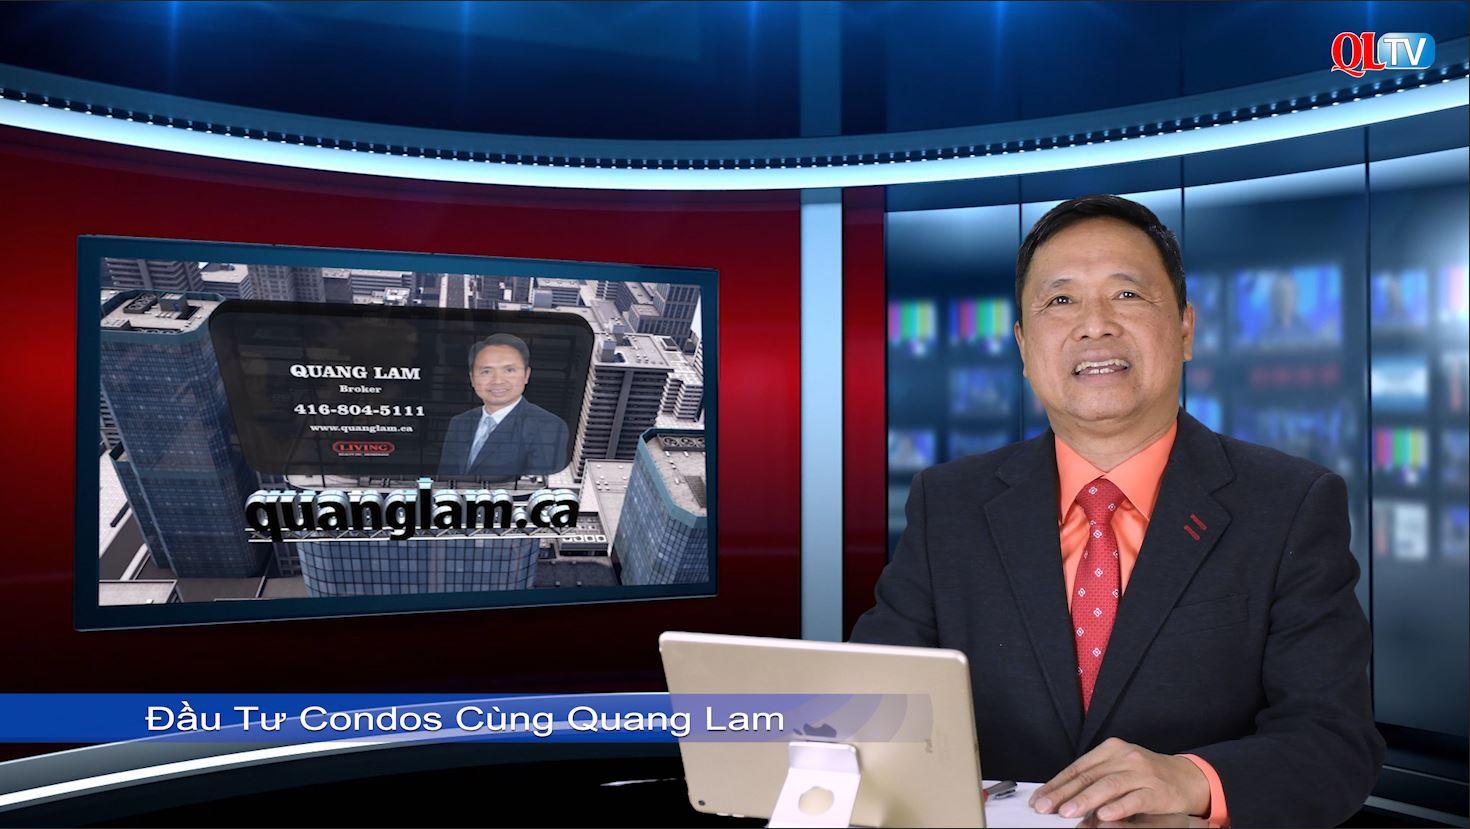 Đầu Tư Condos Cùng Quang Lam